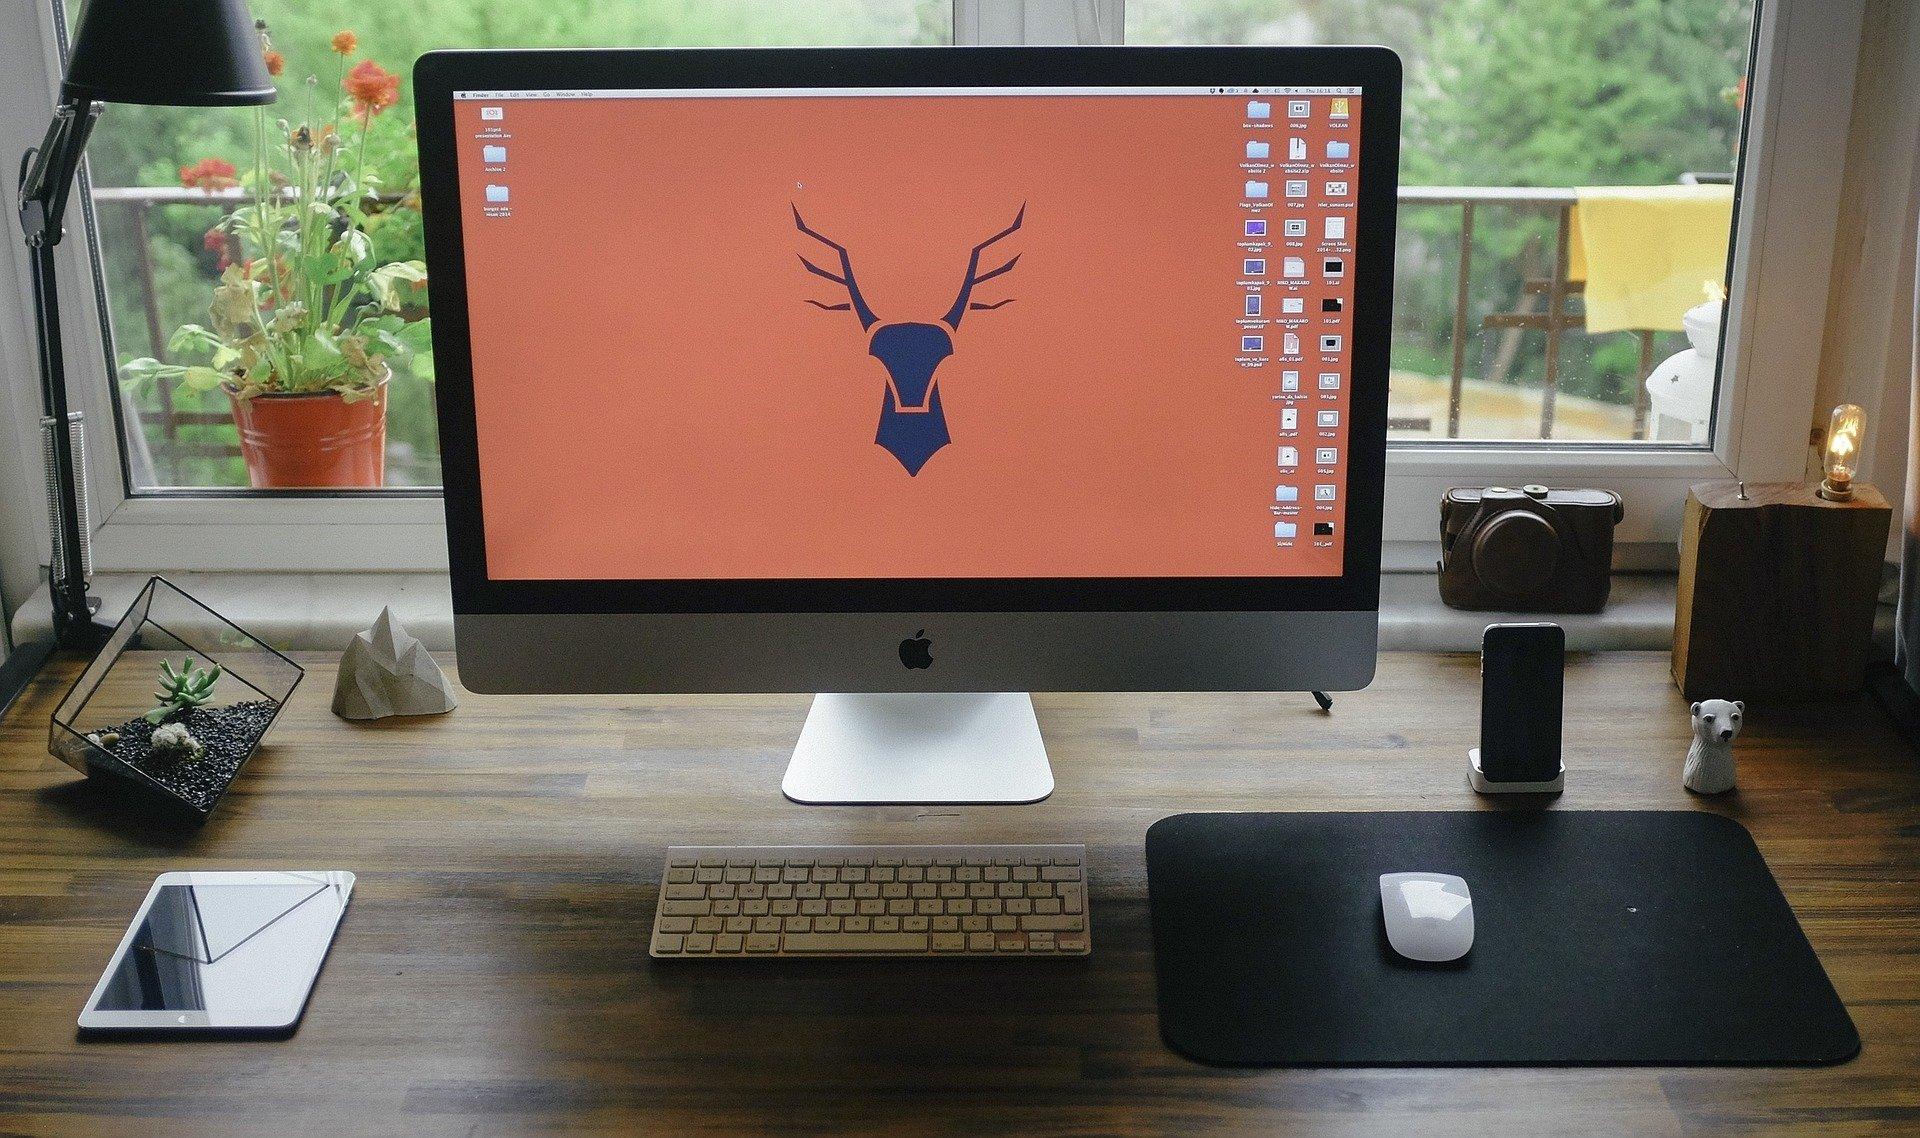 Monitor, teclado, mouse, celular e tablet sobre mesa com janela atrás.